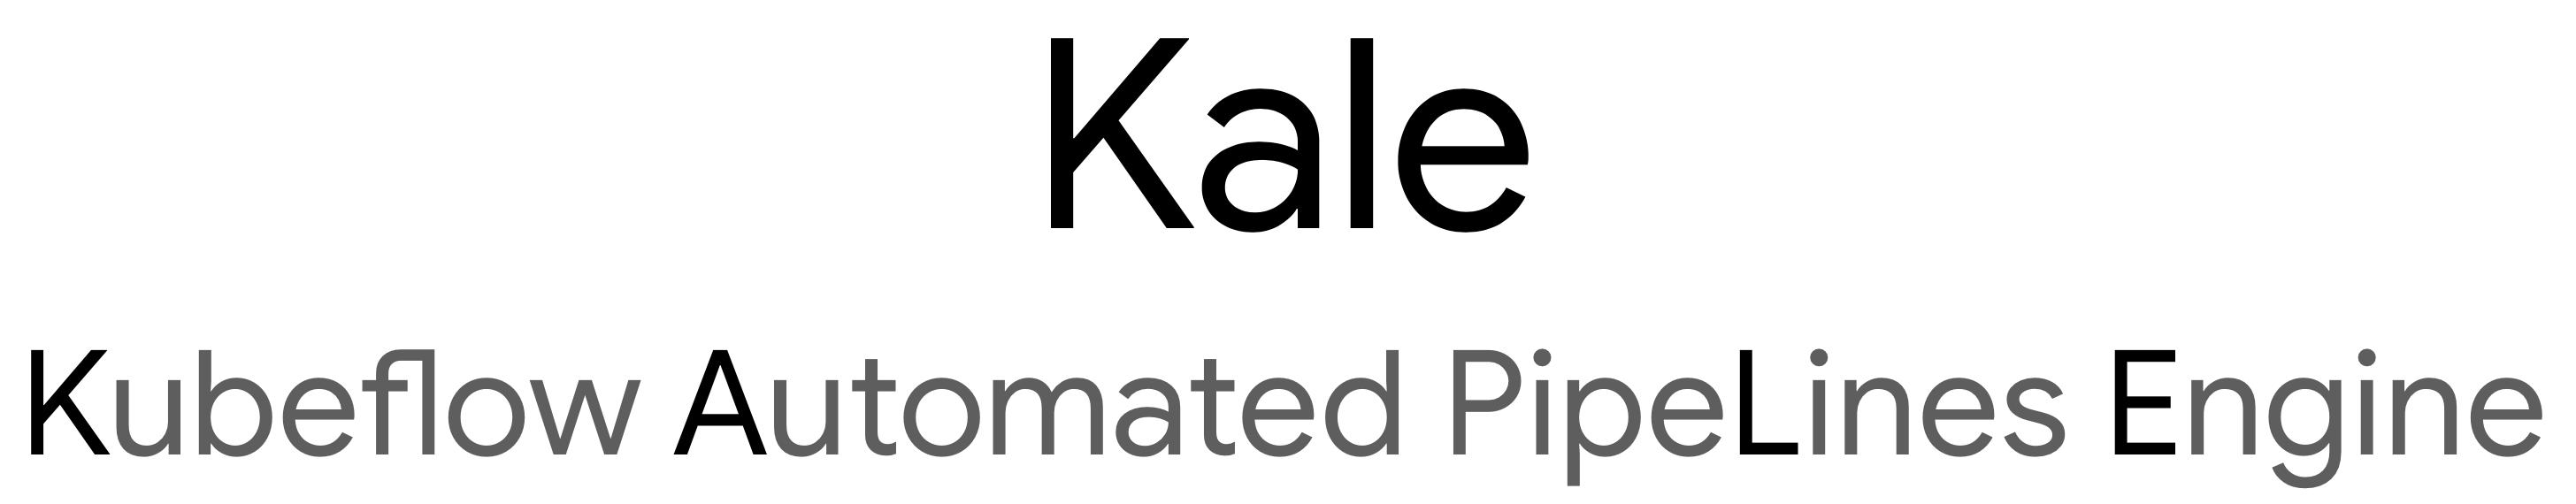 Kale Banner